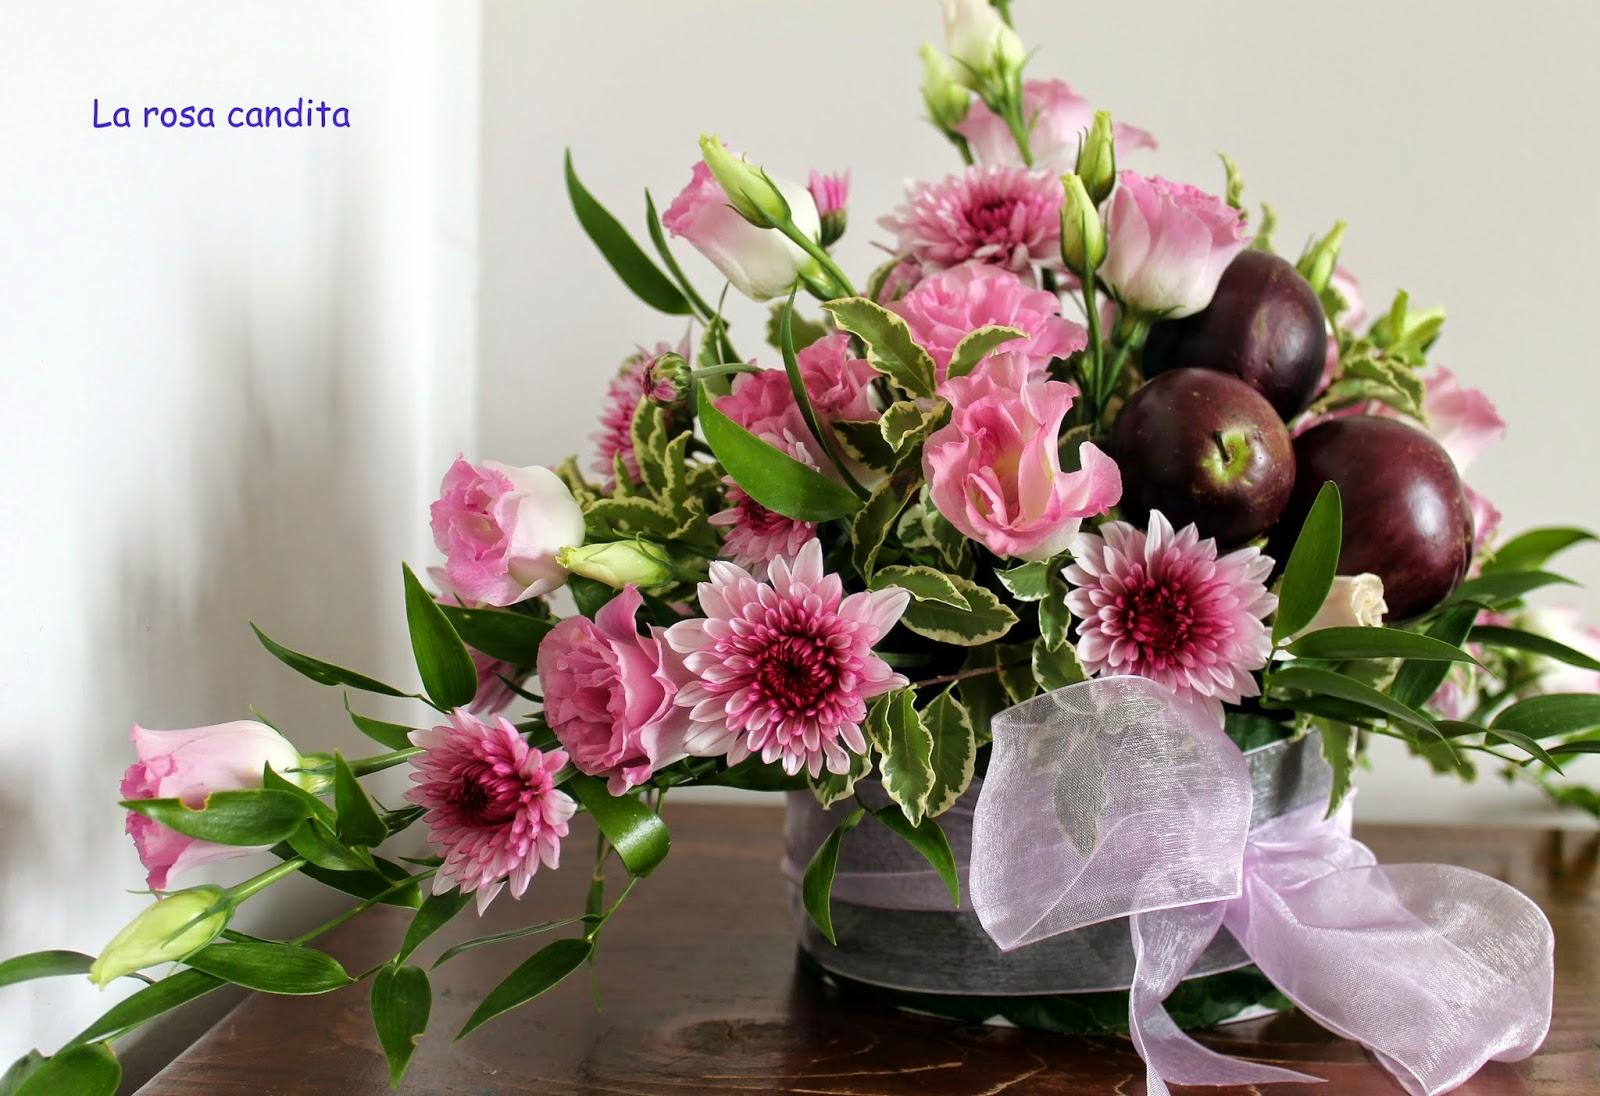 Amato La rosa candita: Il compleanno di Benedetta GZ31